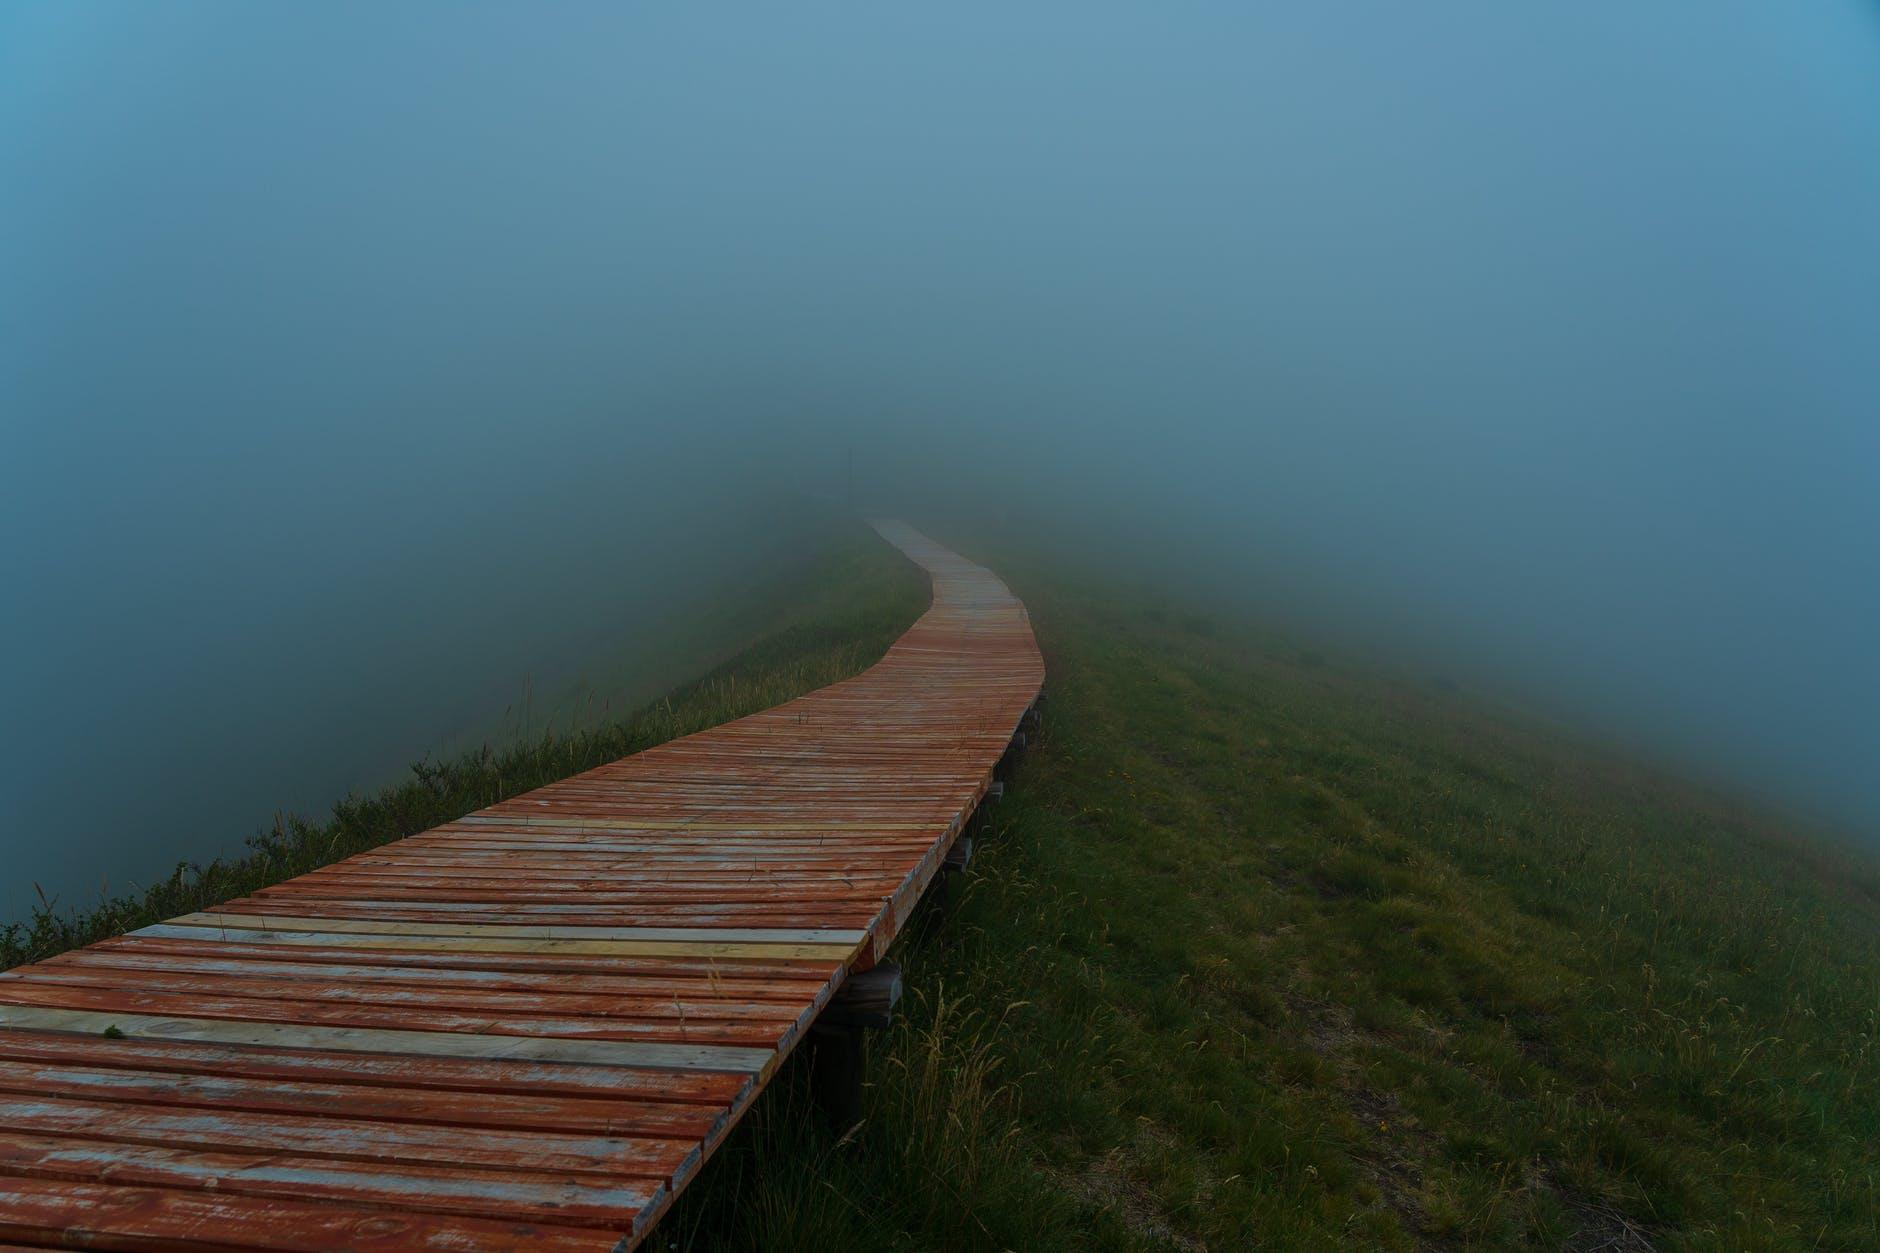 правильная дорога в тумане